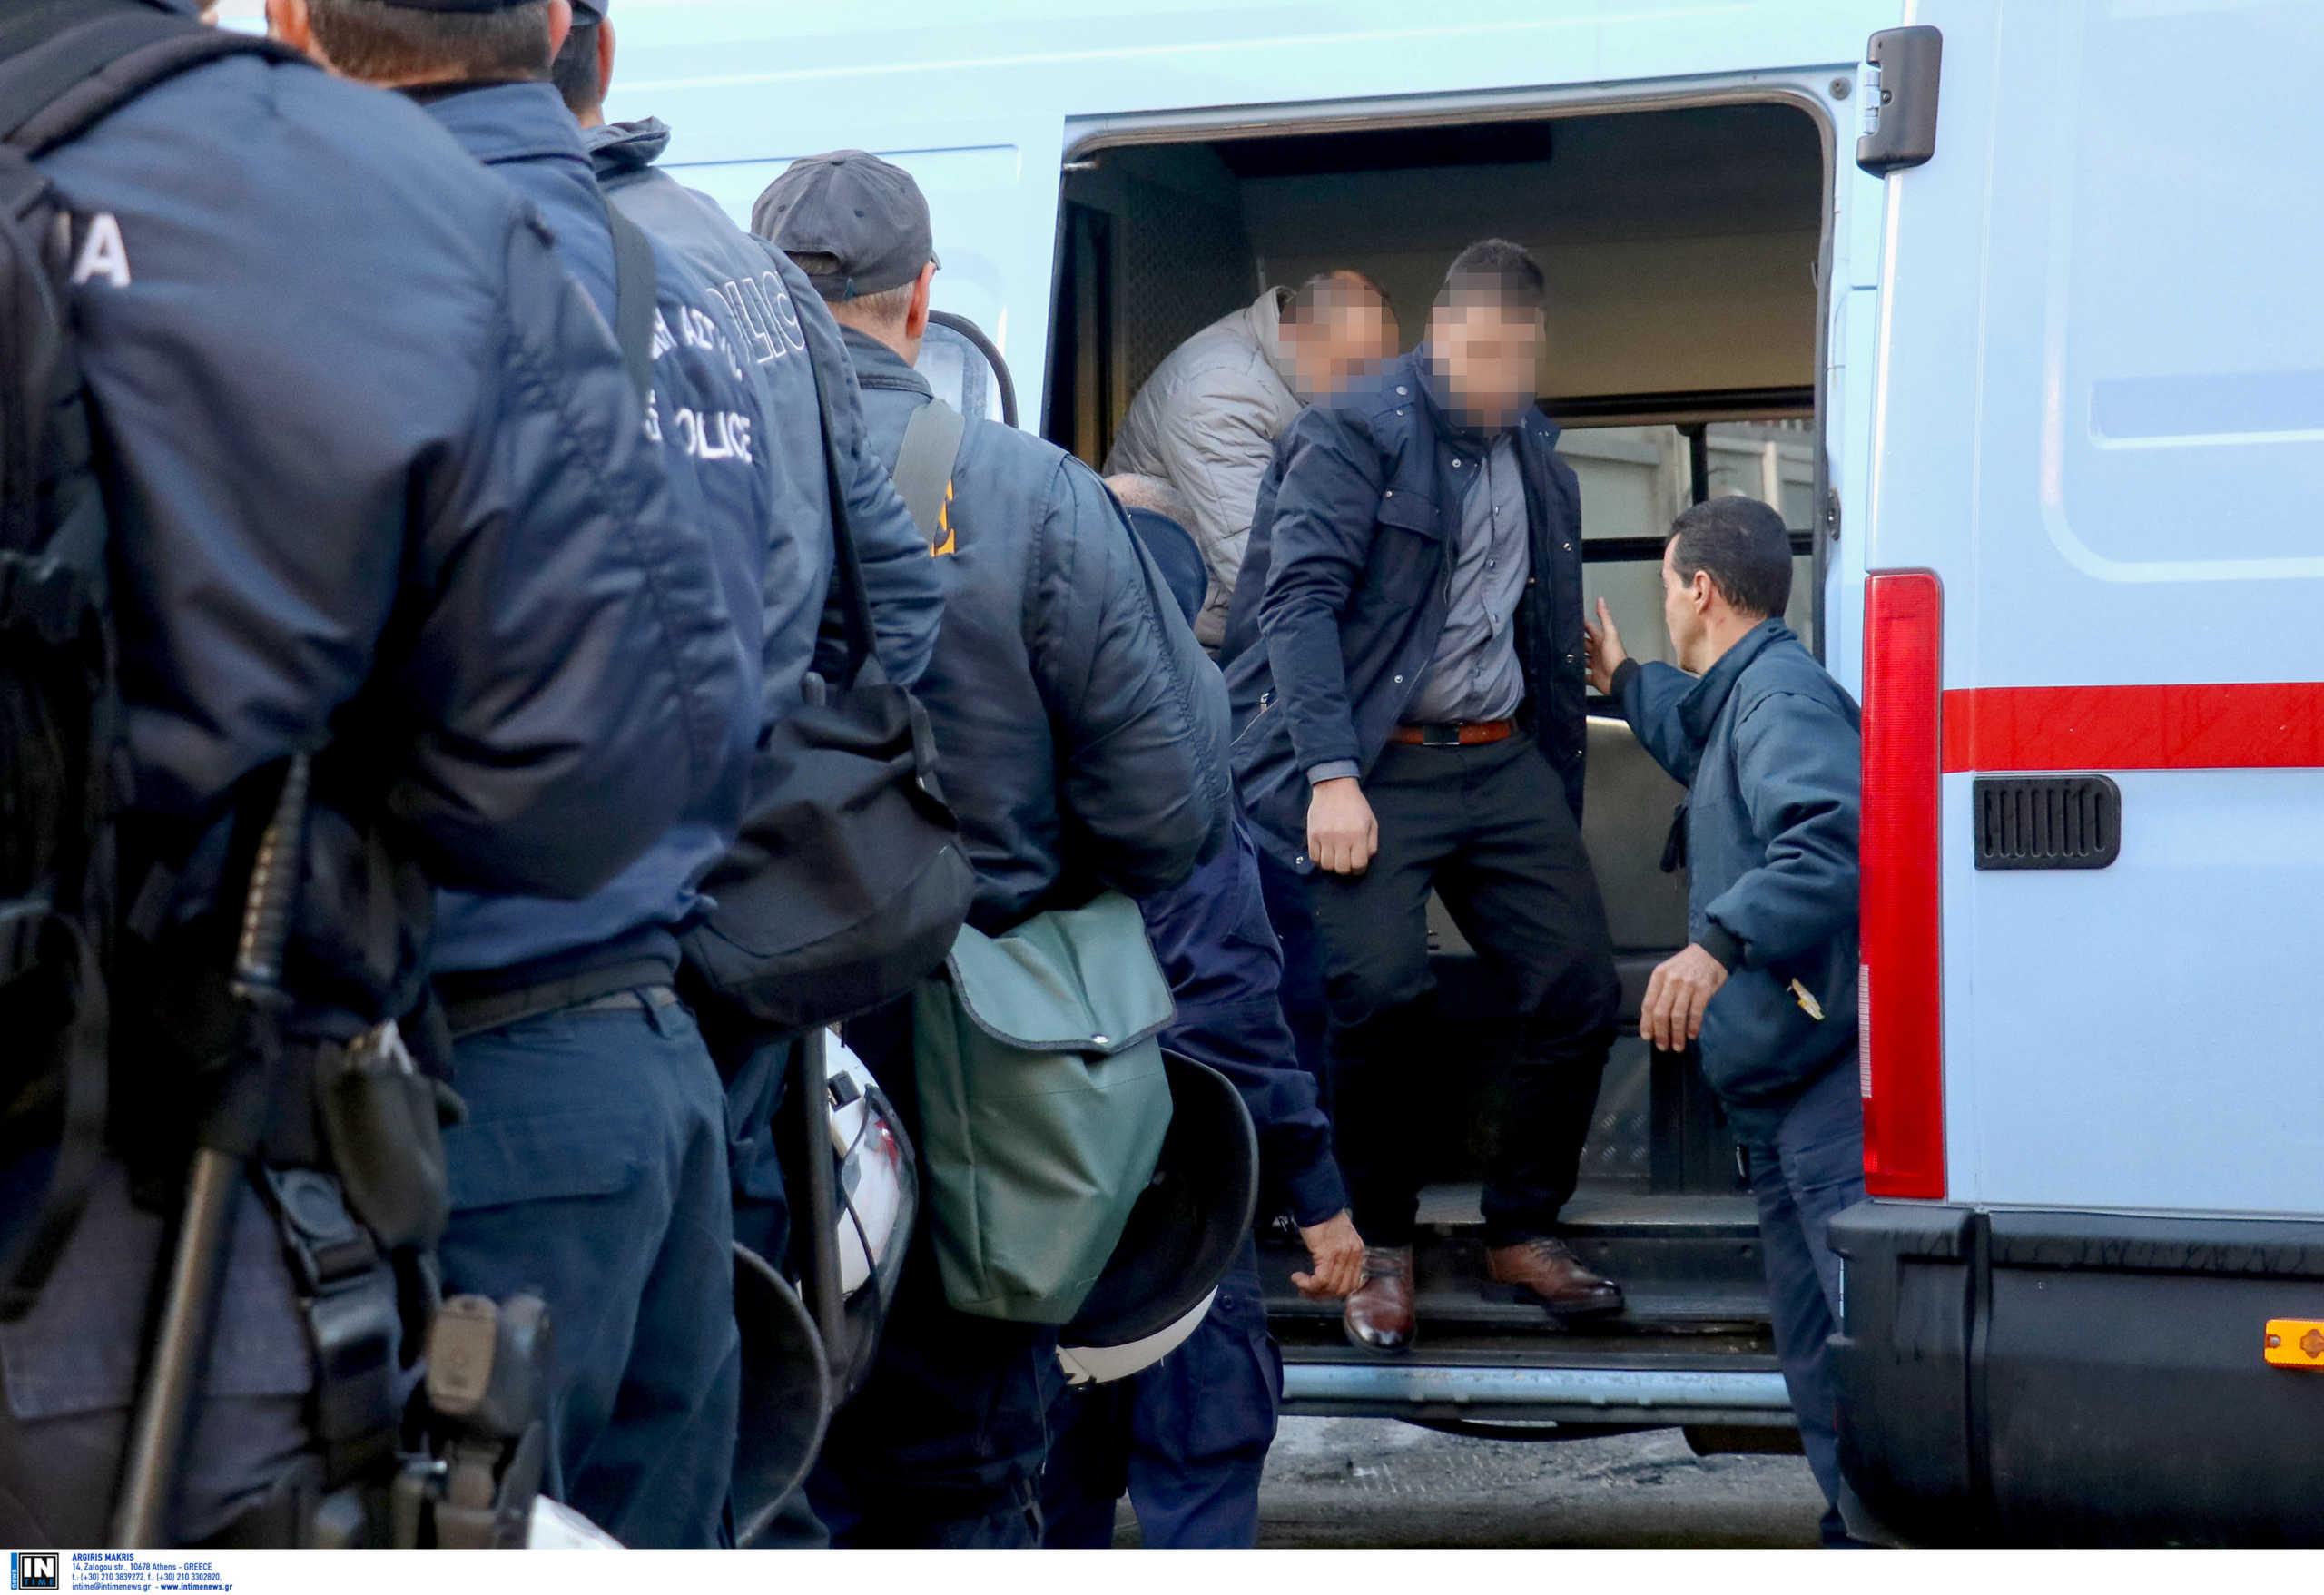 Απαγωγή Λεμπιδάκη: Απορρίφθηκε η αίτηση αποφυλάκισης δυο εκ των δραστών